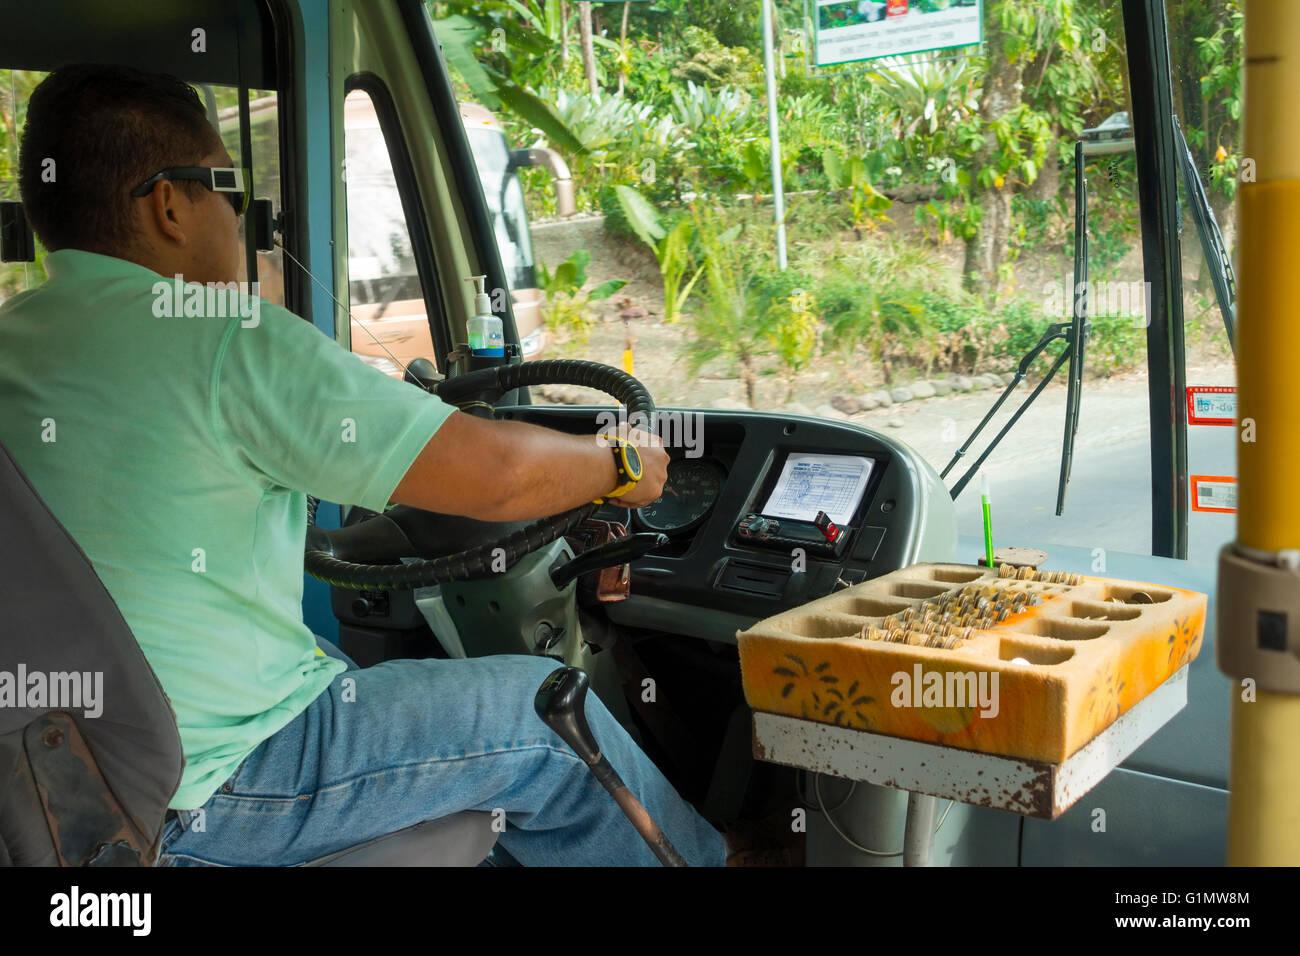 Un chauffeur de bus conduisant un vieux bus avec une ancienne façon de recueillir de l'argent. Quepos, Photo Stock